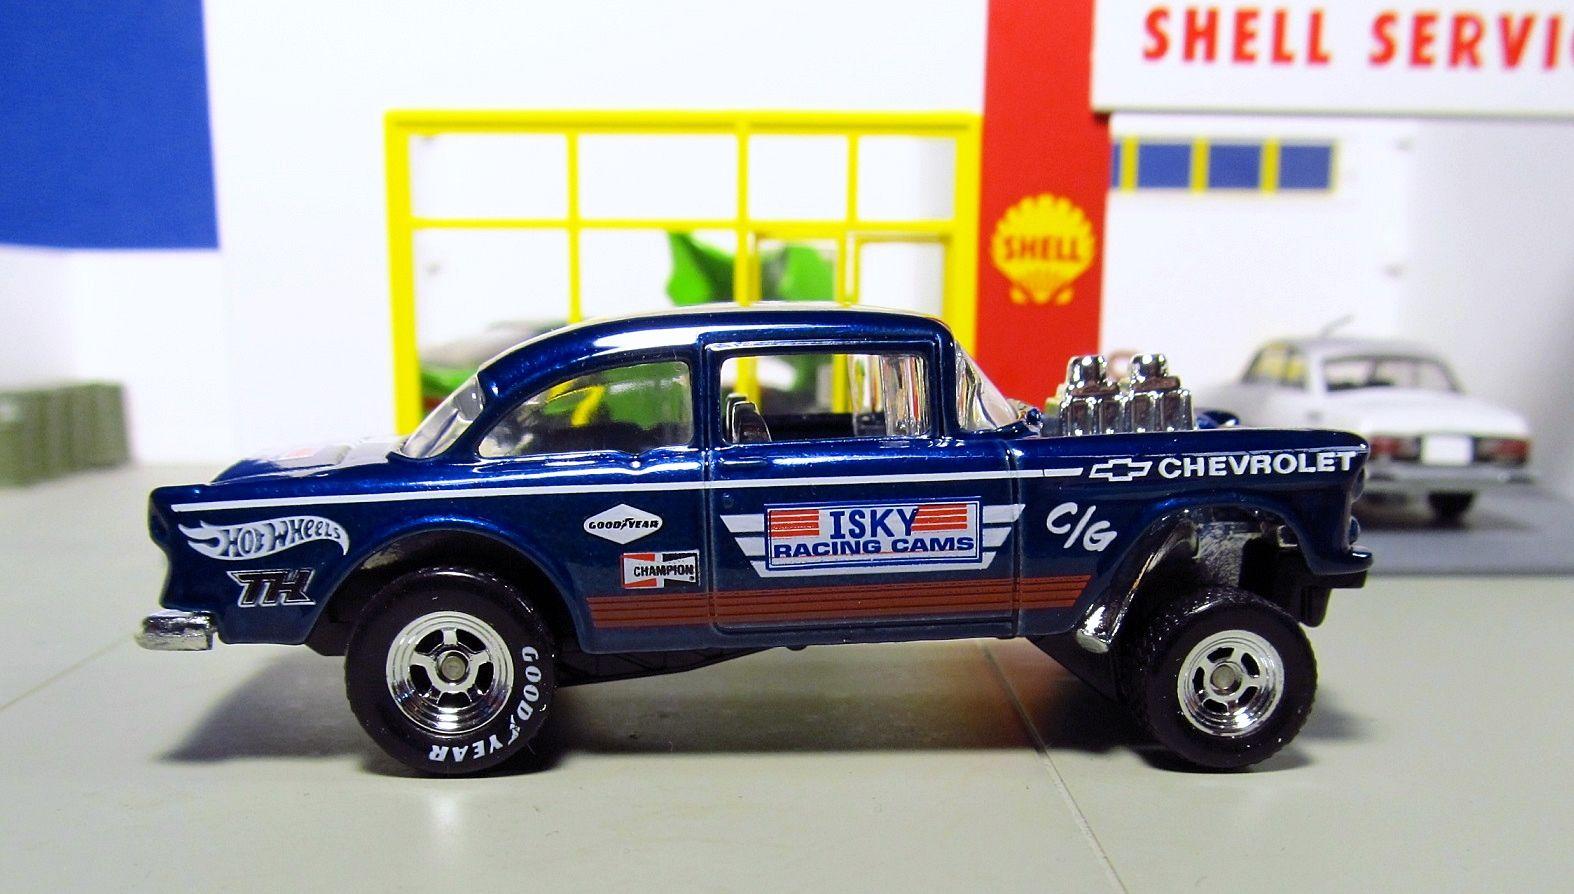 Hot Wheels Super Treasure Hunt Chevy Bel Air Gasser Hotwheels Volkswagen Baja Bug White Tropicool Series